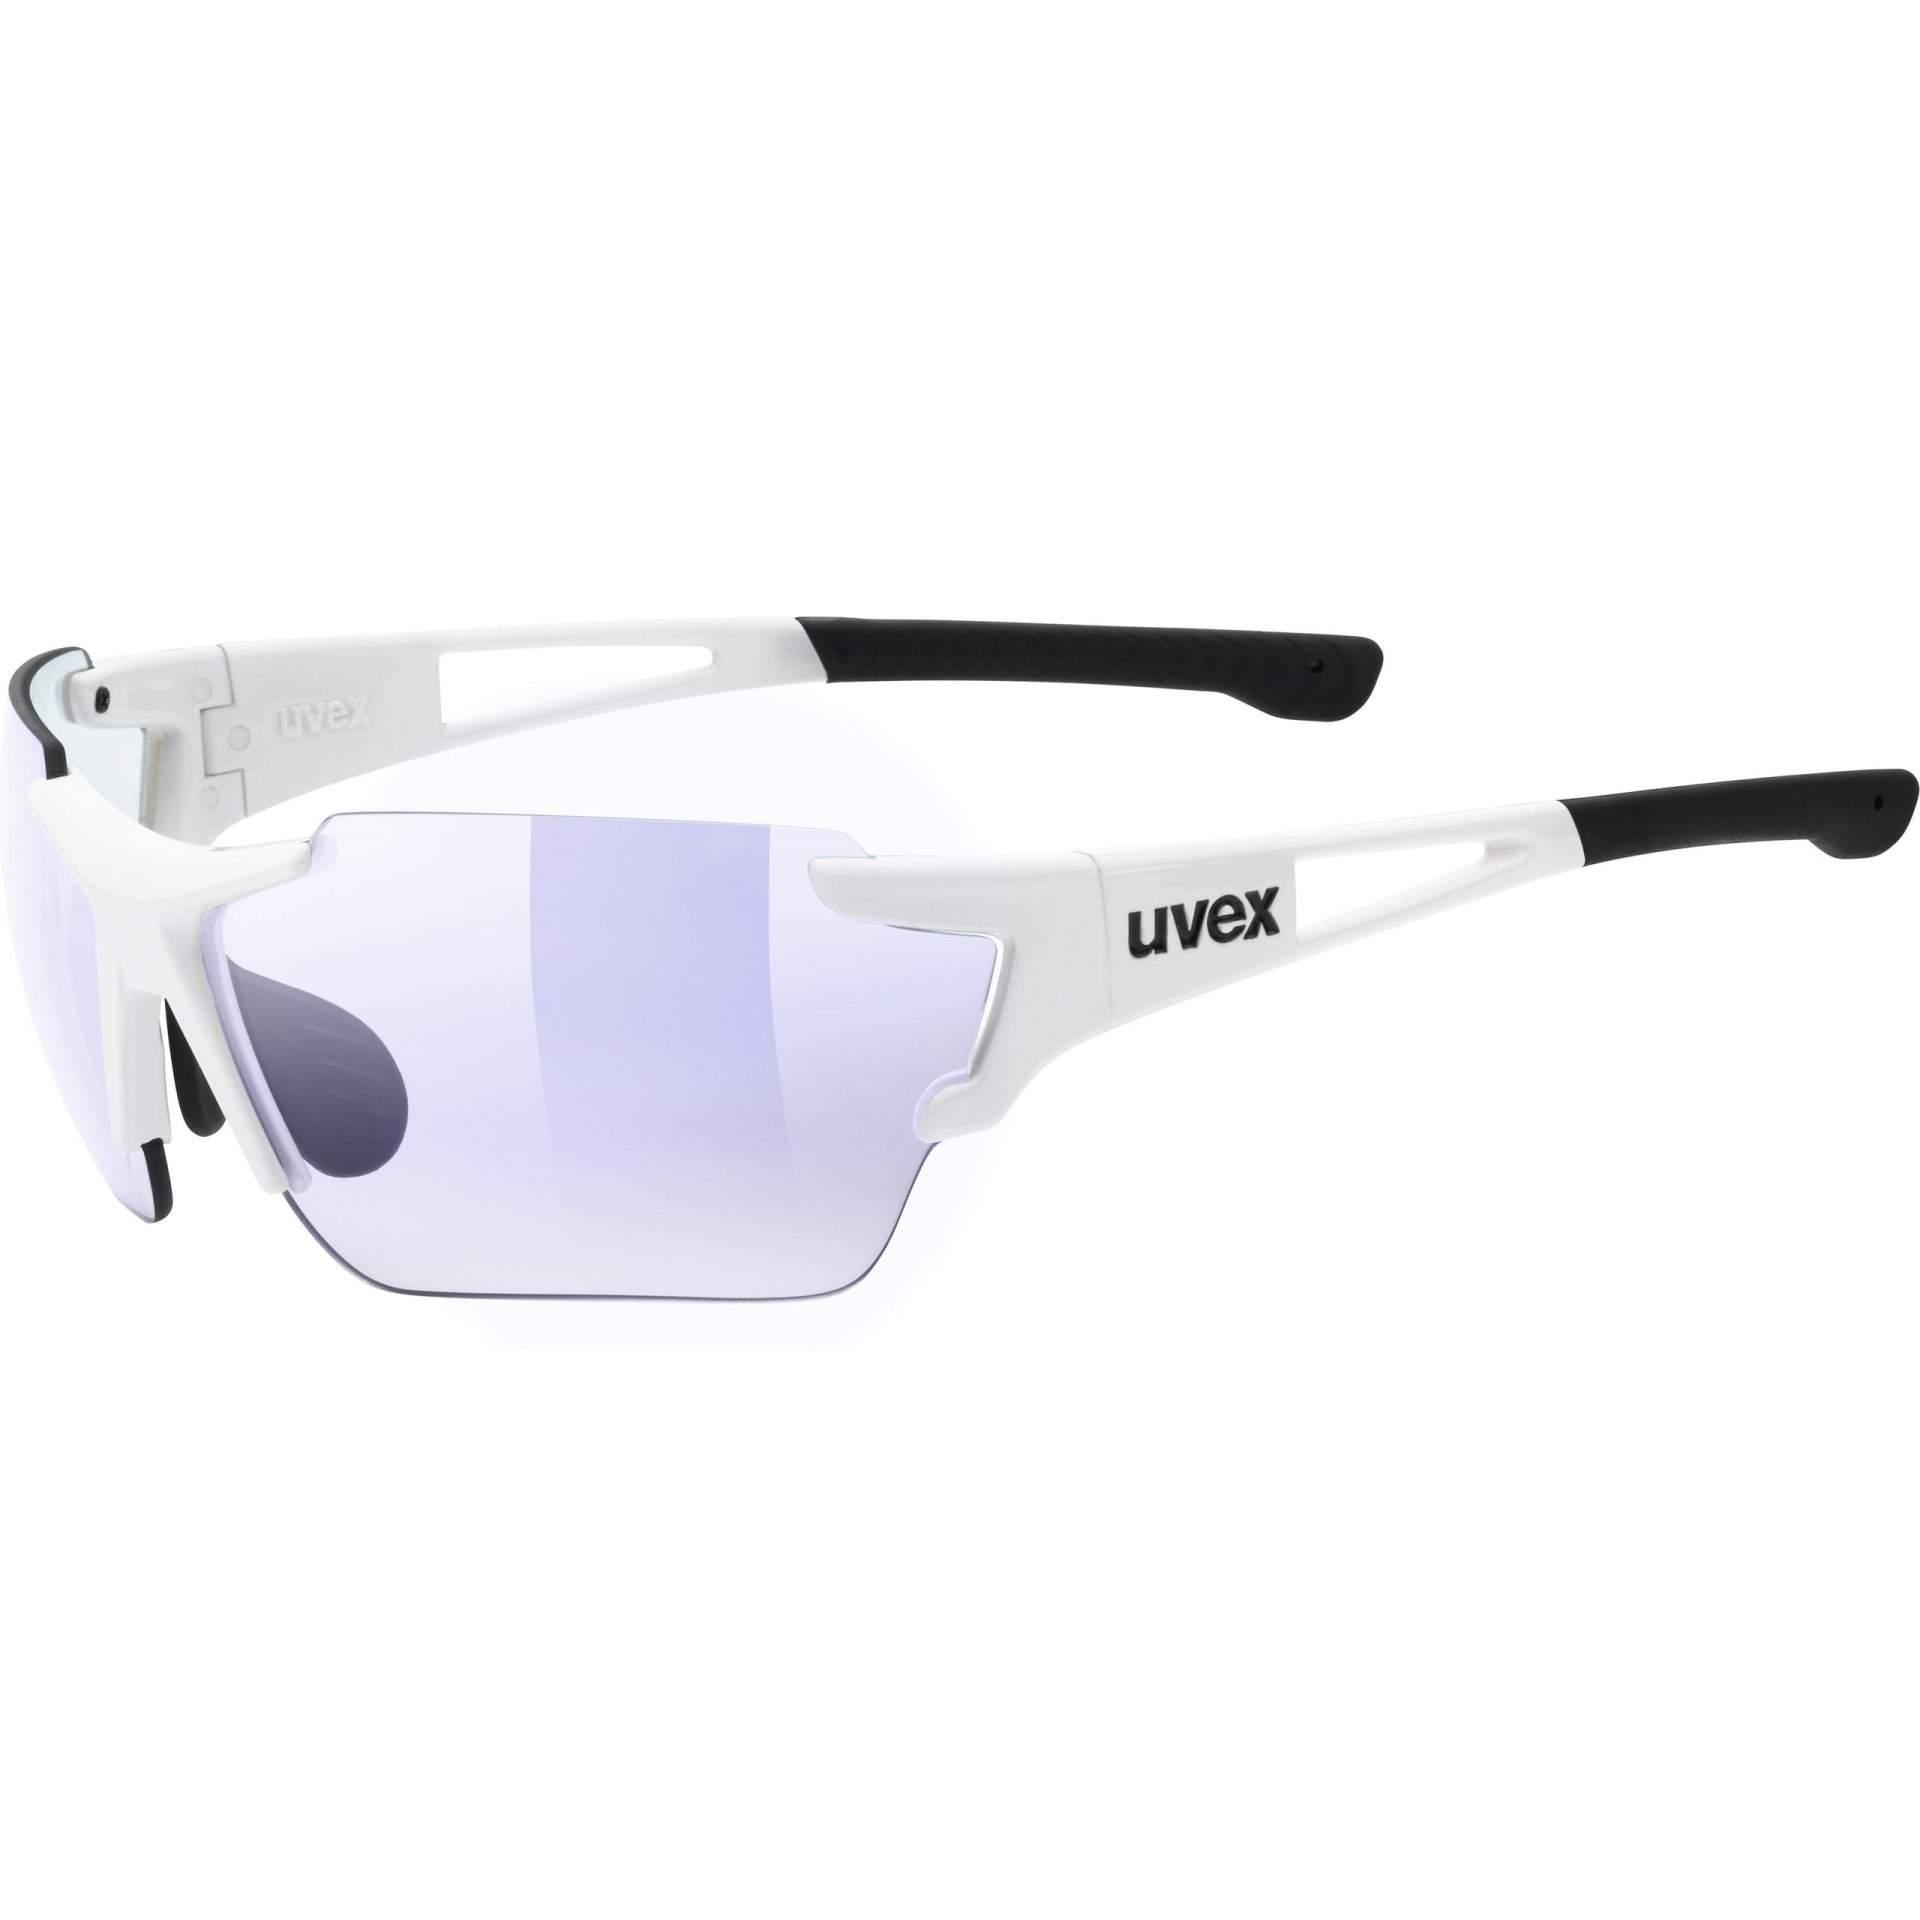 OKULARY UVEX SPORTSTYLE 803 RACE V 53|0|971|8803 WHITE